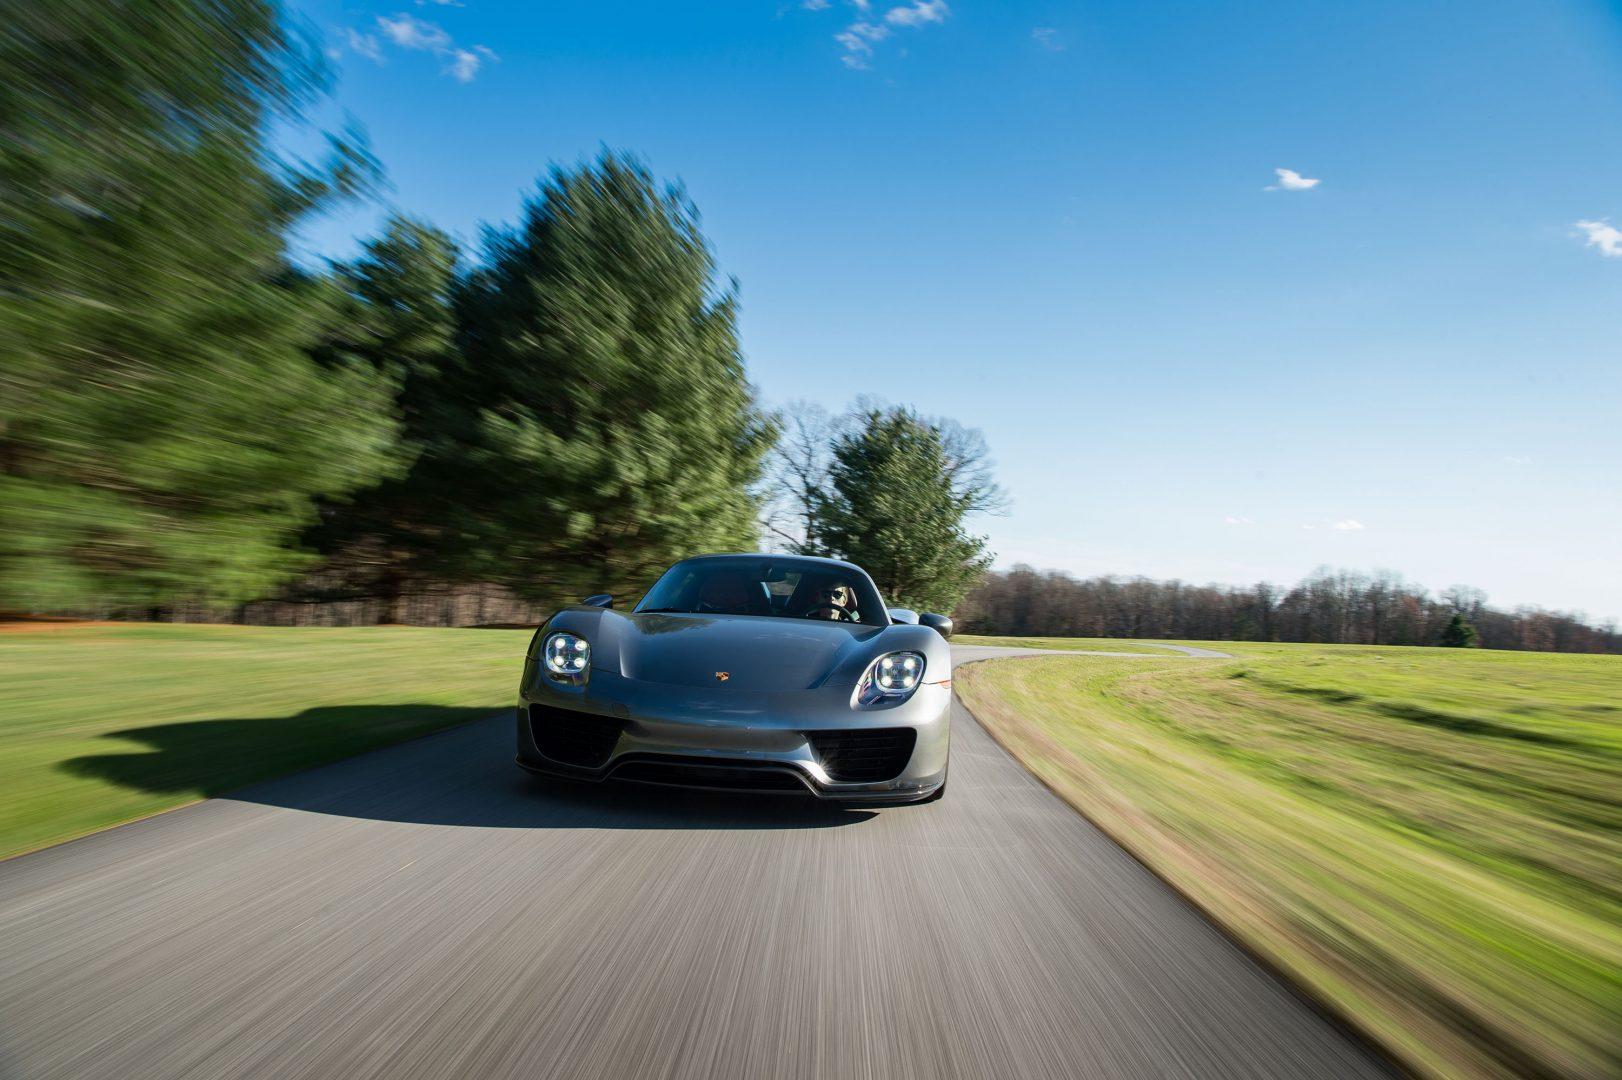 Silver Porsche 918 Spyder in motion front, blurred scenery; Porsche Finance